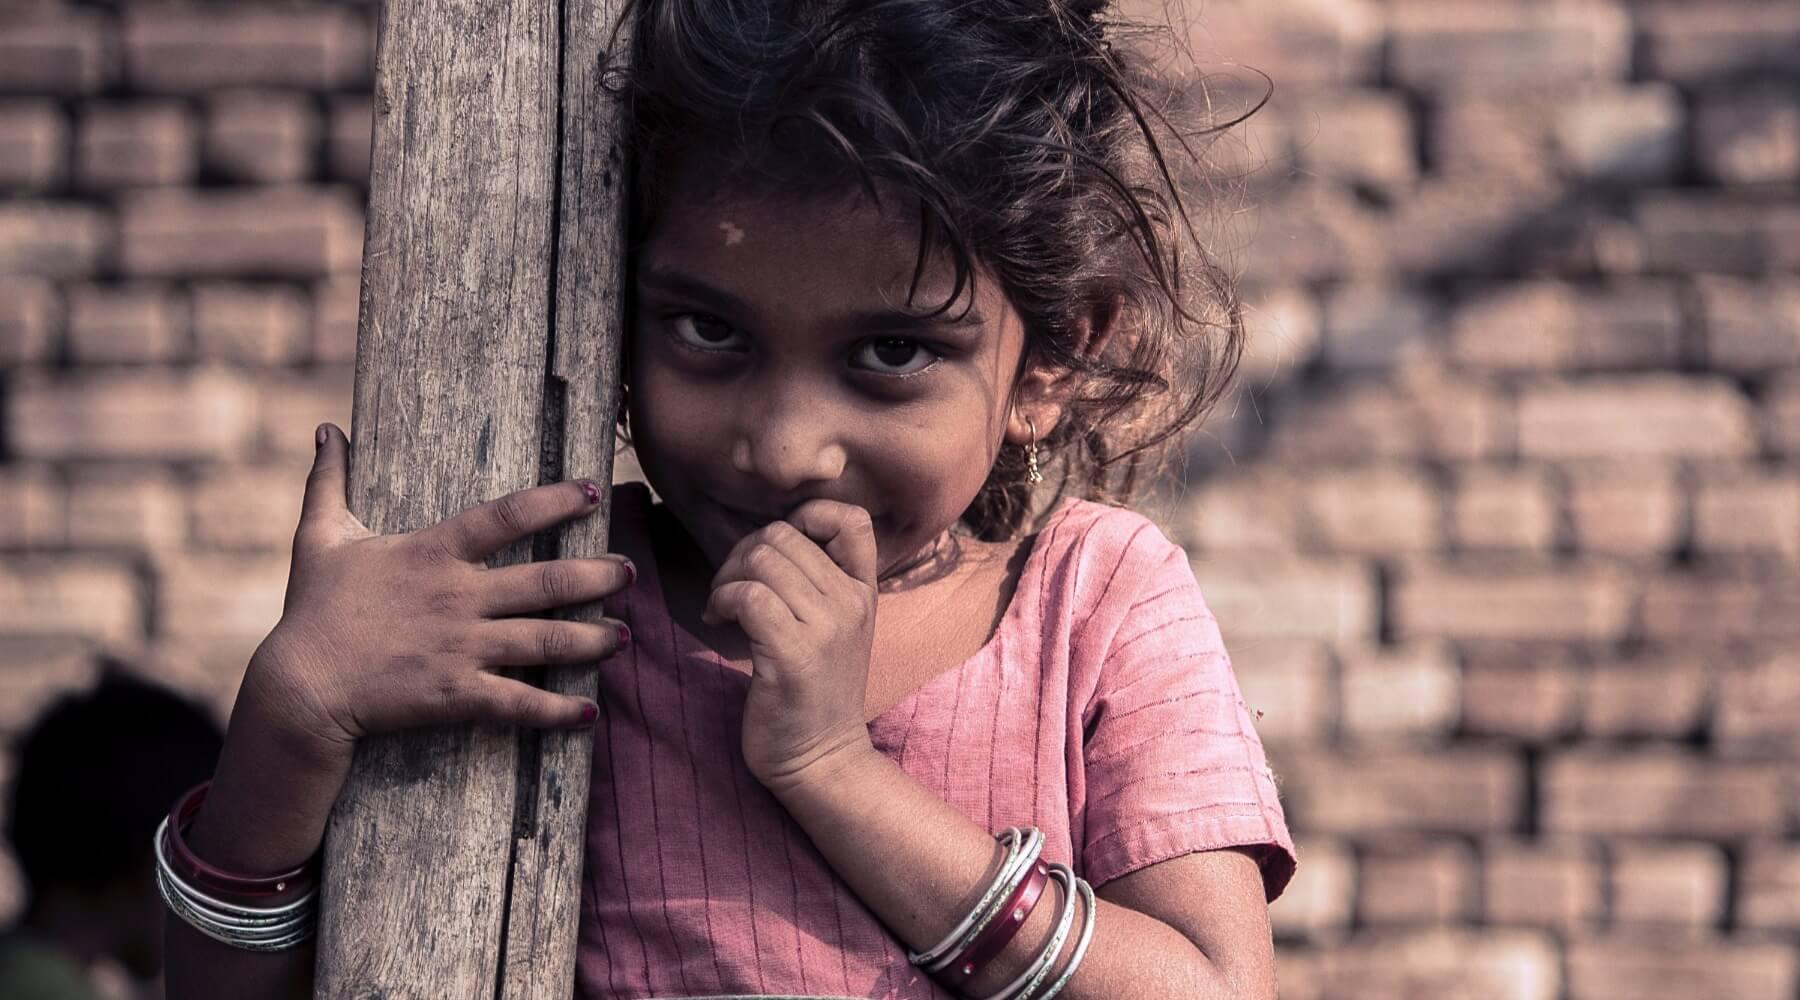 Mädchen in einem rosa Tshirt lehnt an einem Holzbalken und lächelt